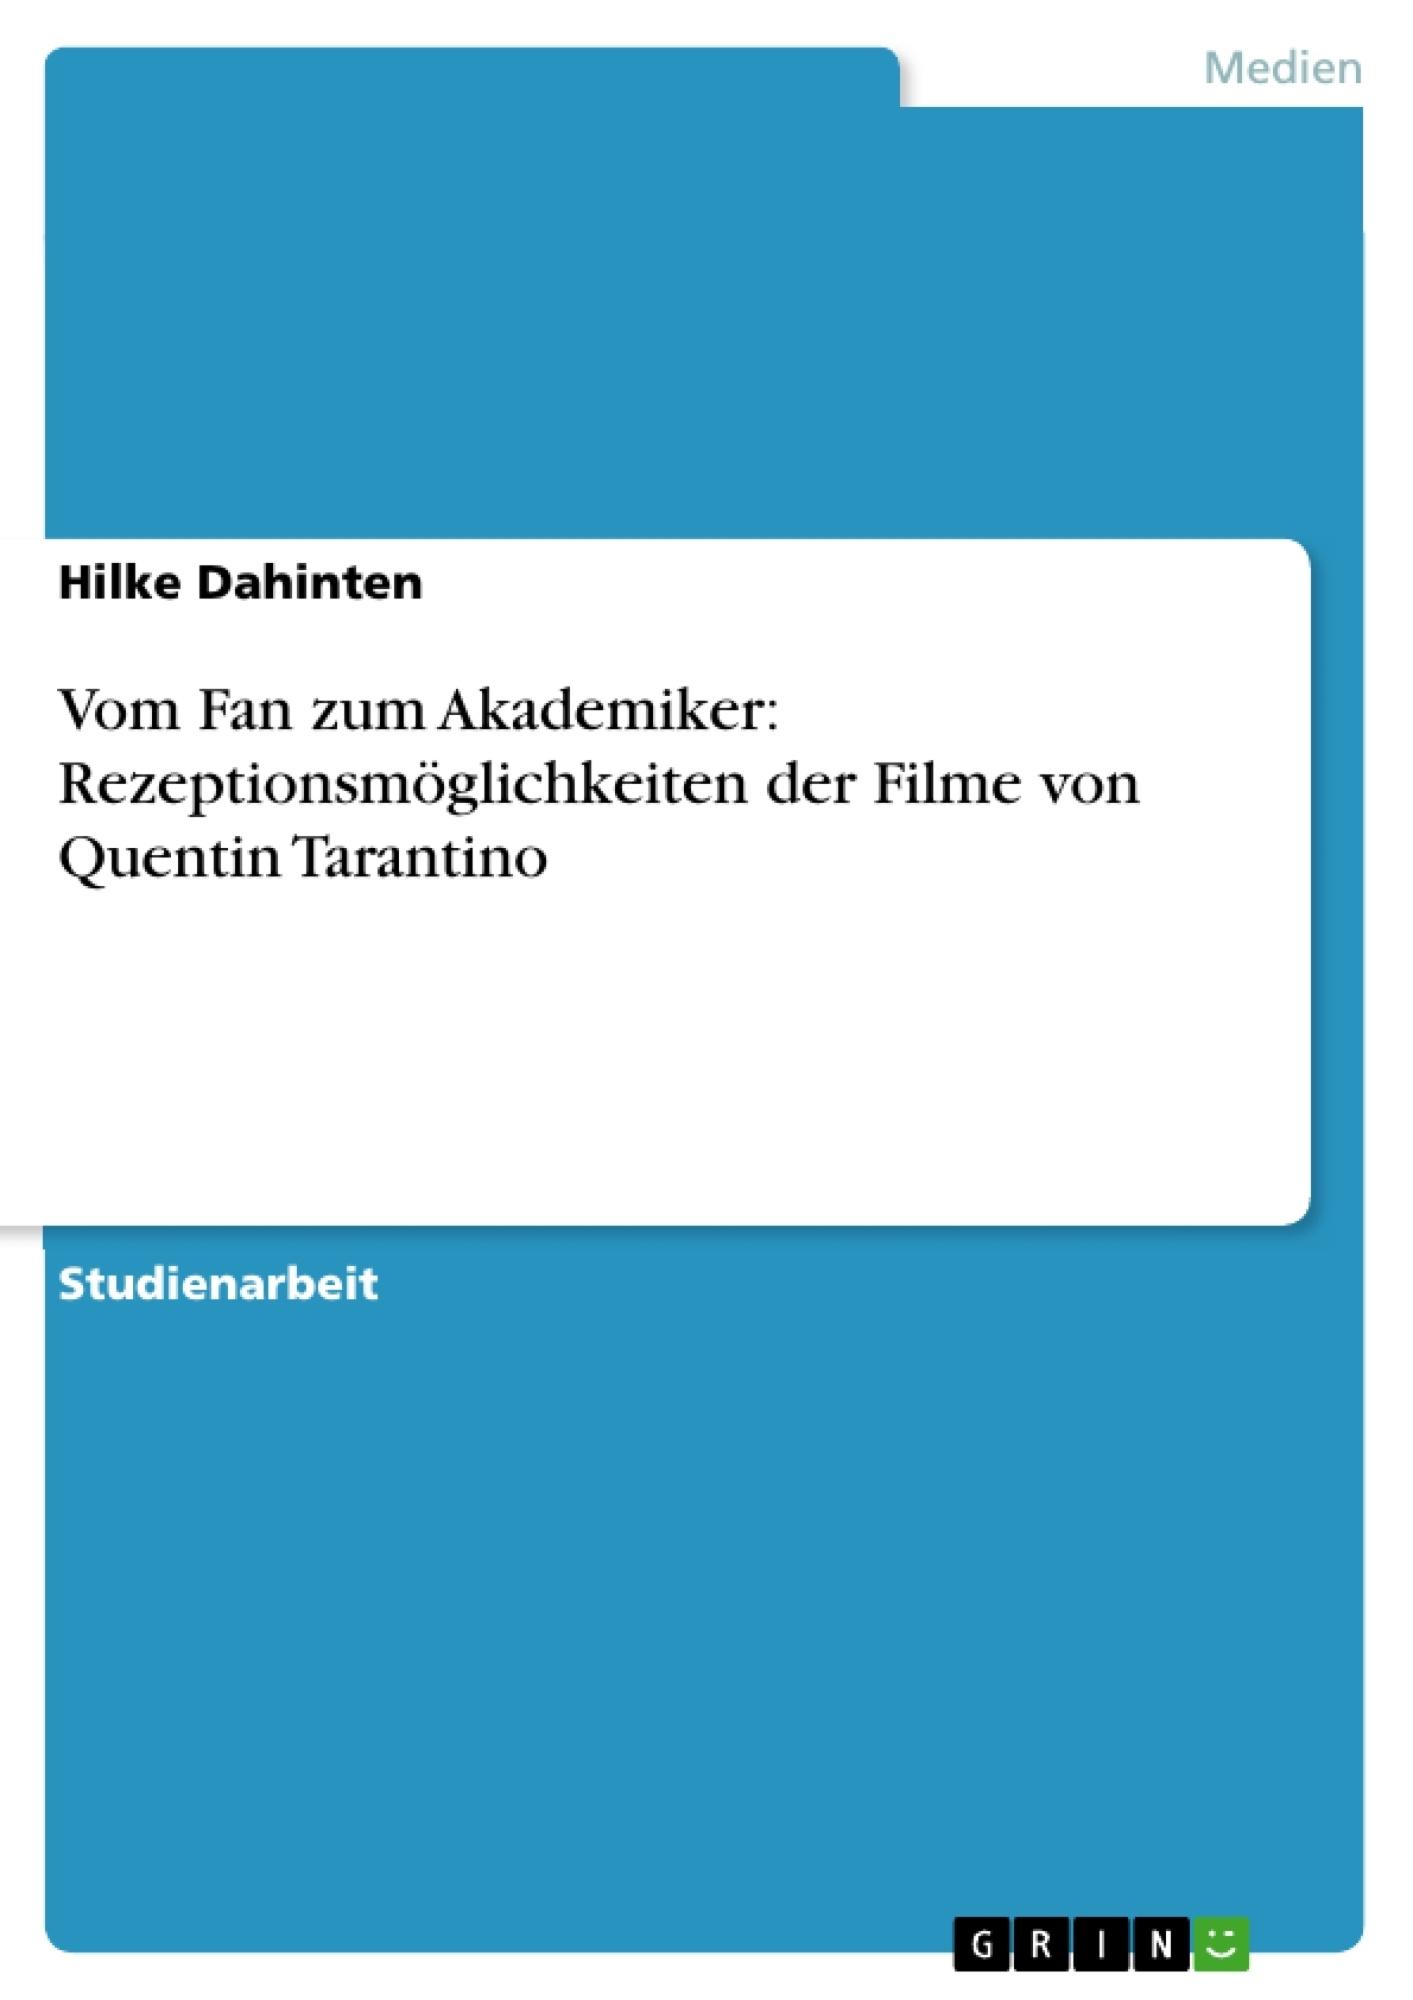 Titel: Vom Fan zum Akademiker: Rezeptionsmöglichkeiten der Filme von Quentin Tarantino